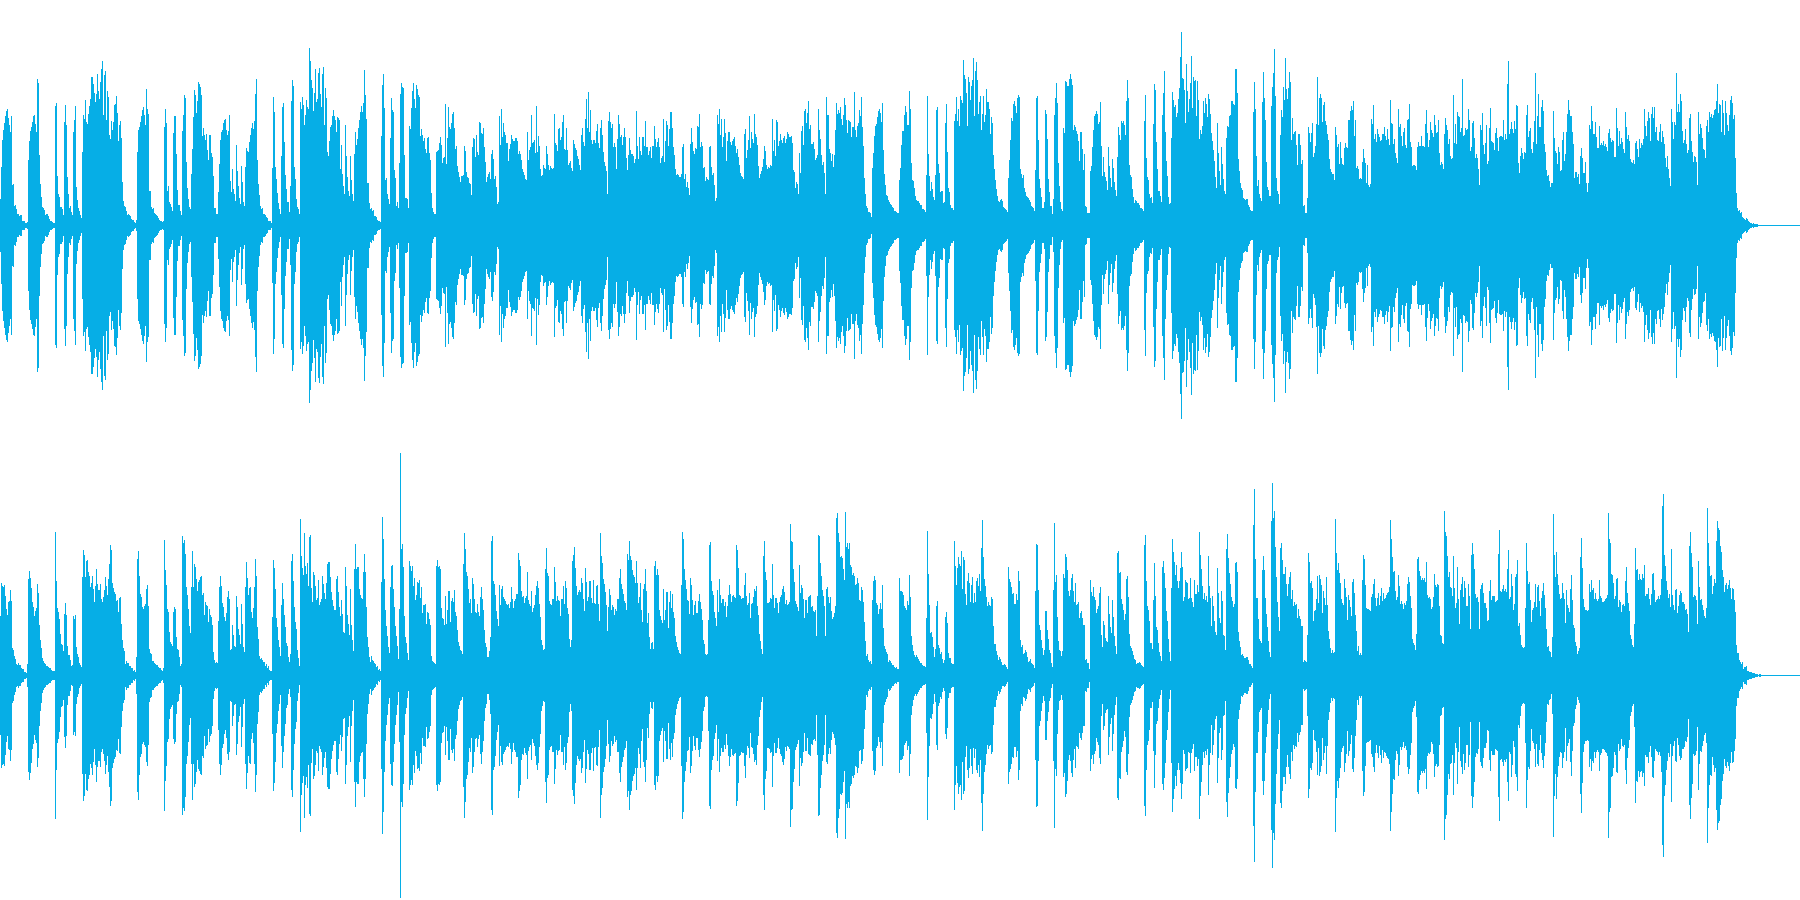 弦楽器や木管楽器のほのぼのしたBGMの再生済みの波形